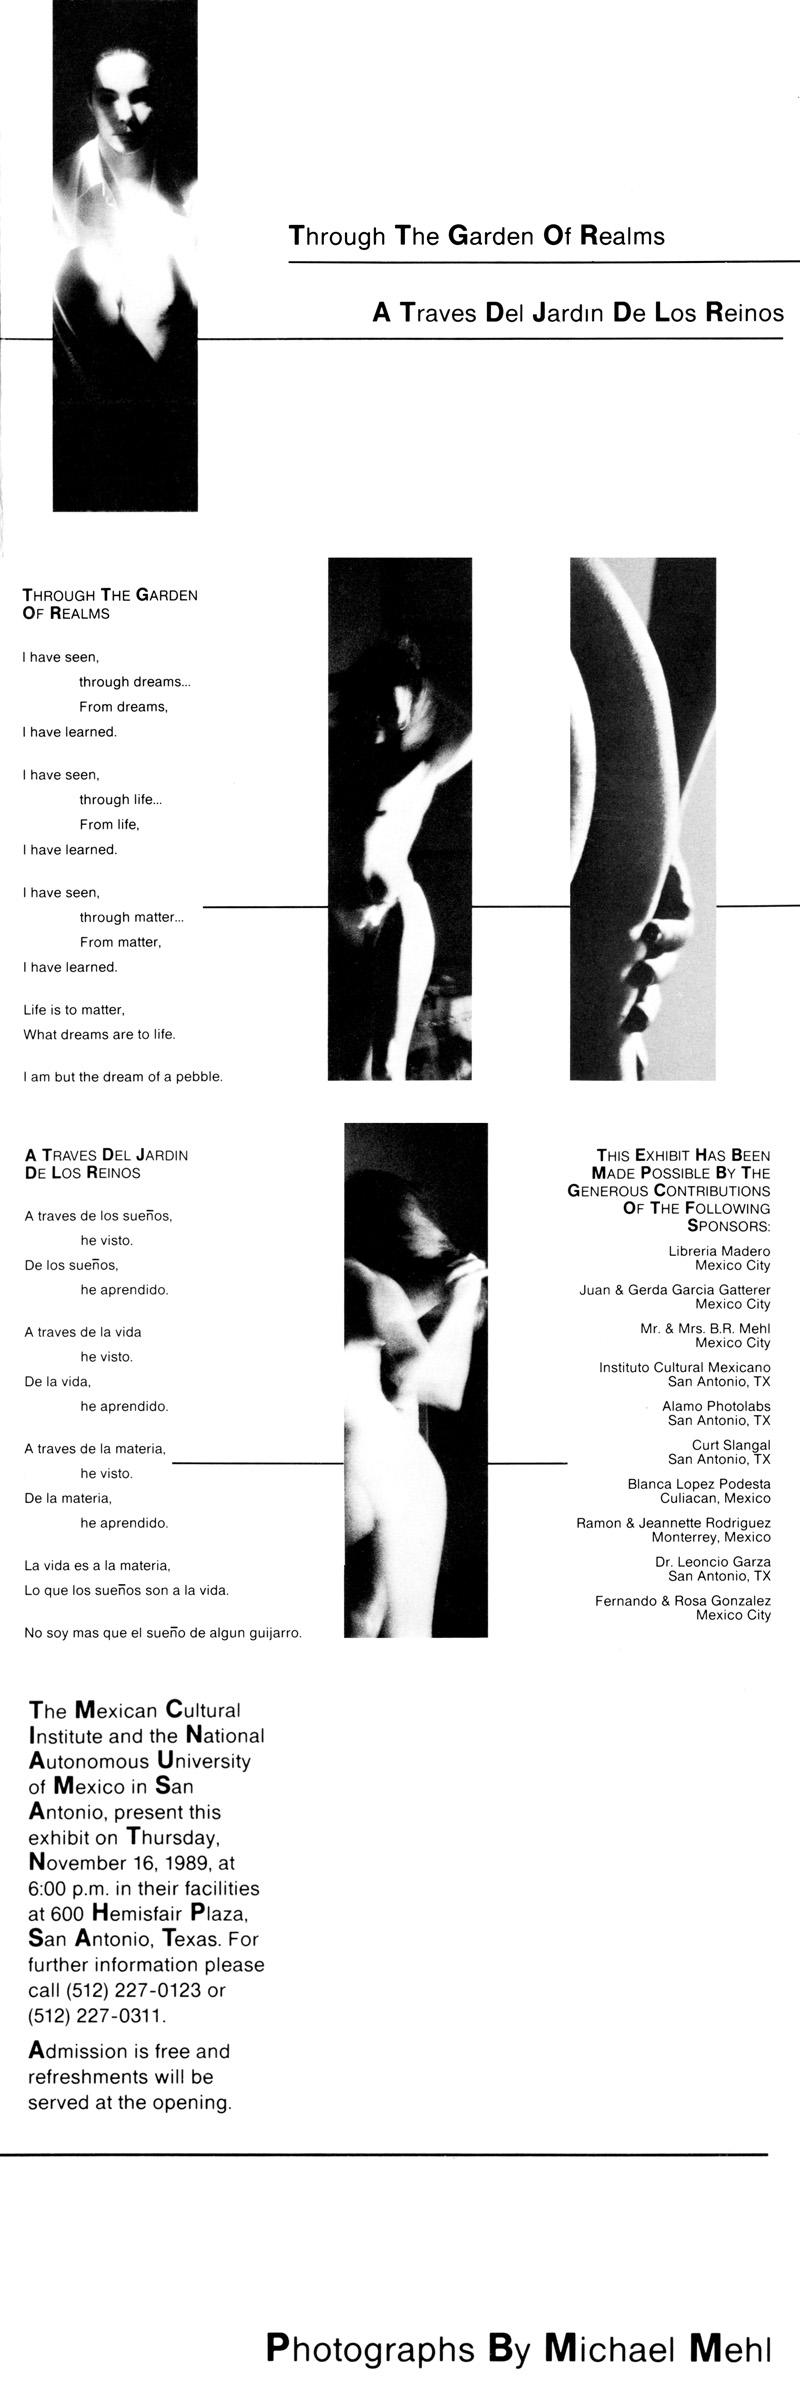 1989_Michael-Mehl_Through-The-Garden-Of-Realms-Exhibit_ICM-UNAM